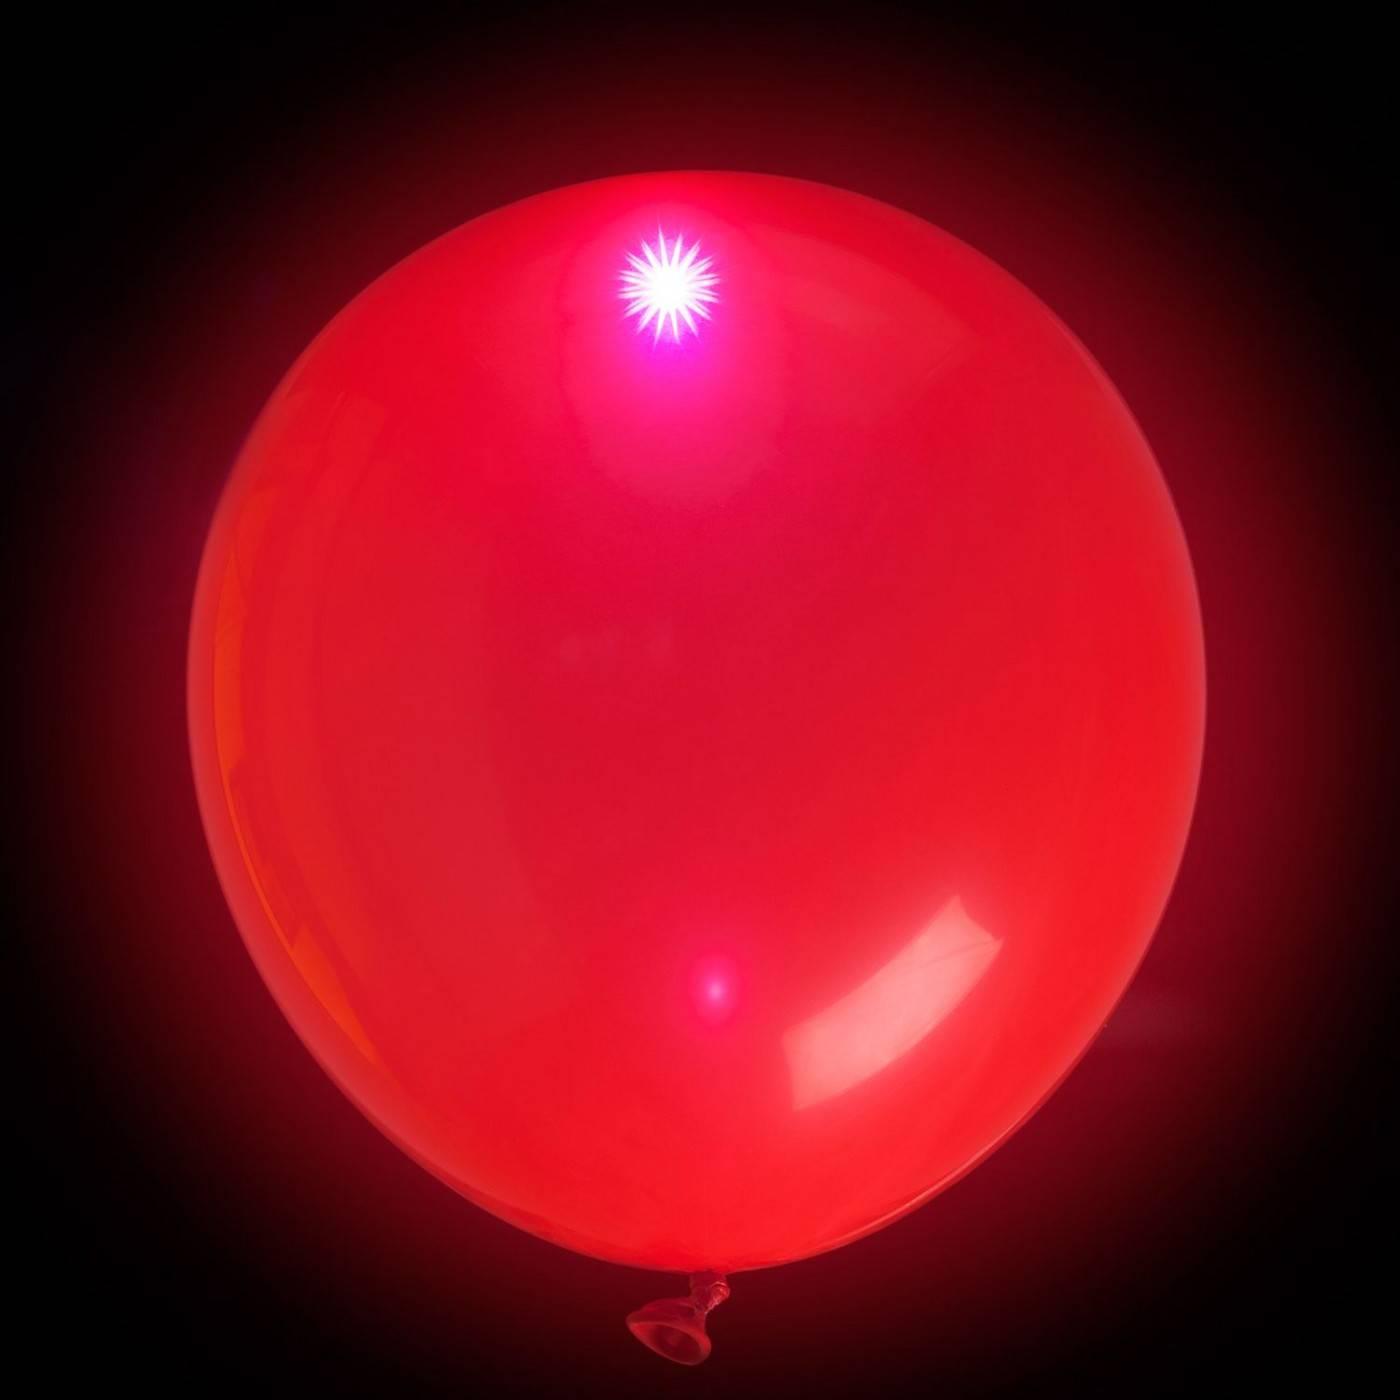 680-img_1-ballon-met-lichtje Luxus Ballon Mit Led Licht Dekorationen